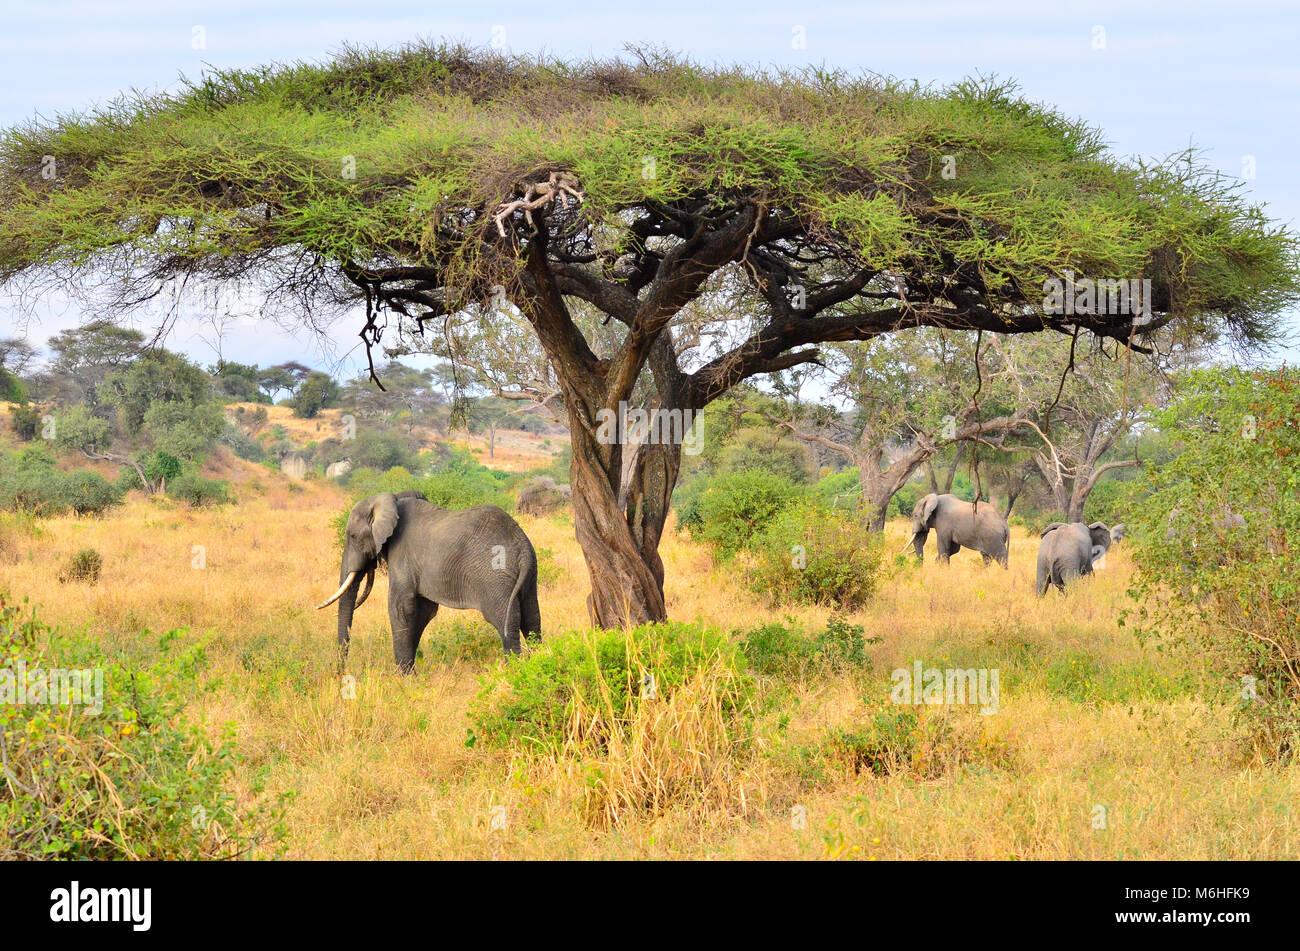 Parque Nacional Tarangire es un excelente juego de visualización de destino en Tanzania. Elefante en tortilla Imagen De Stock